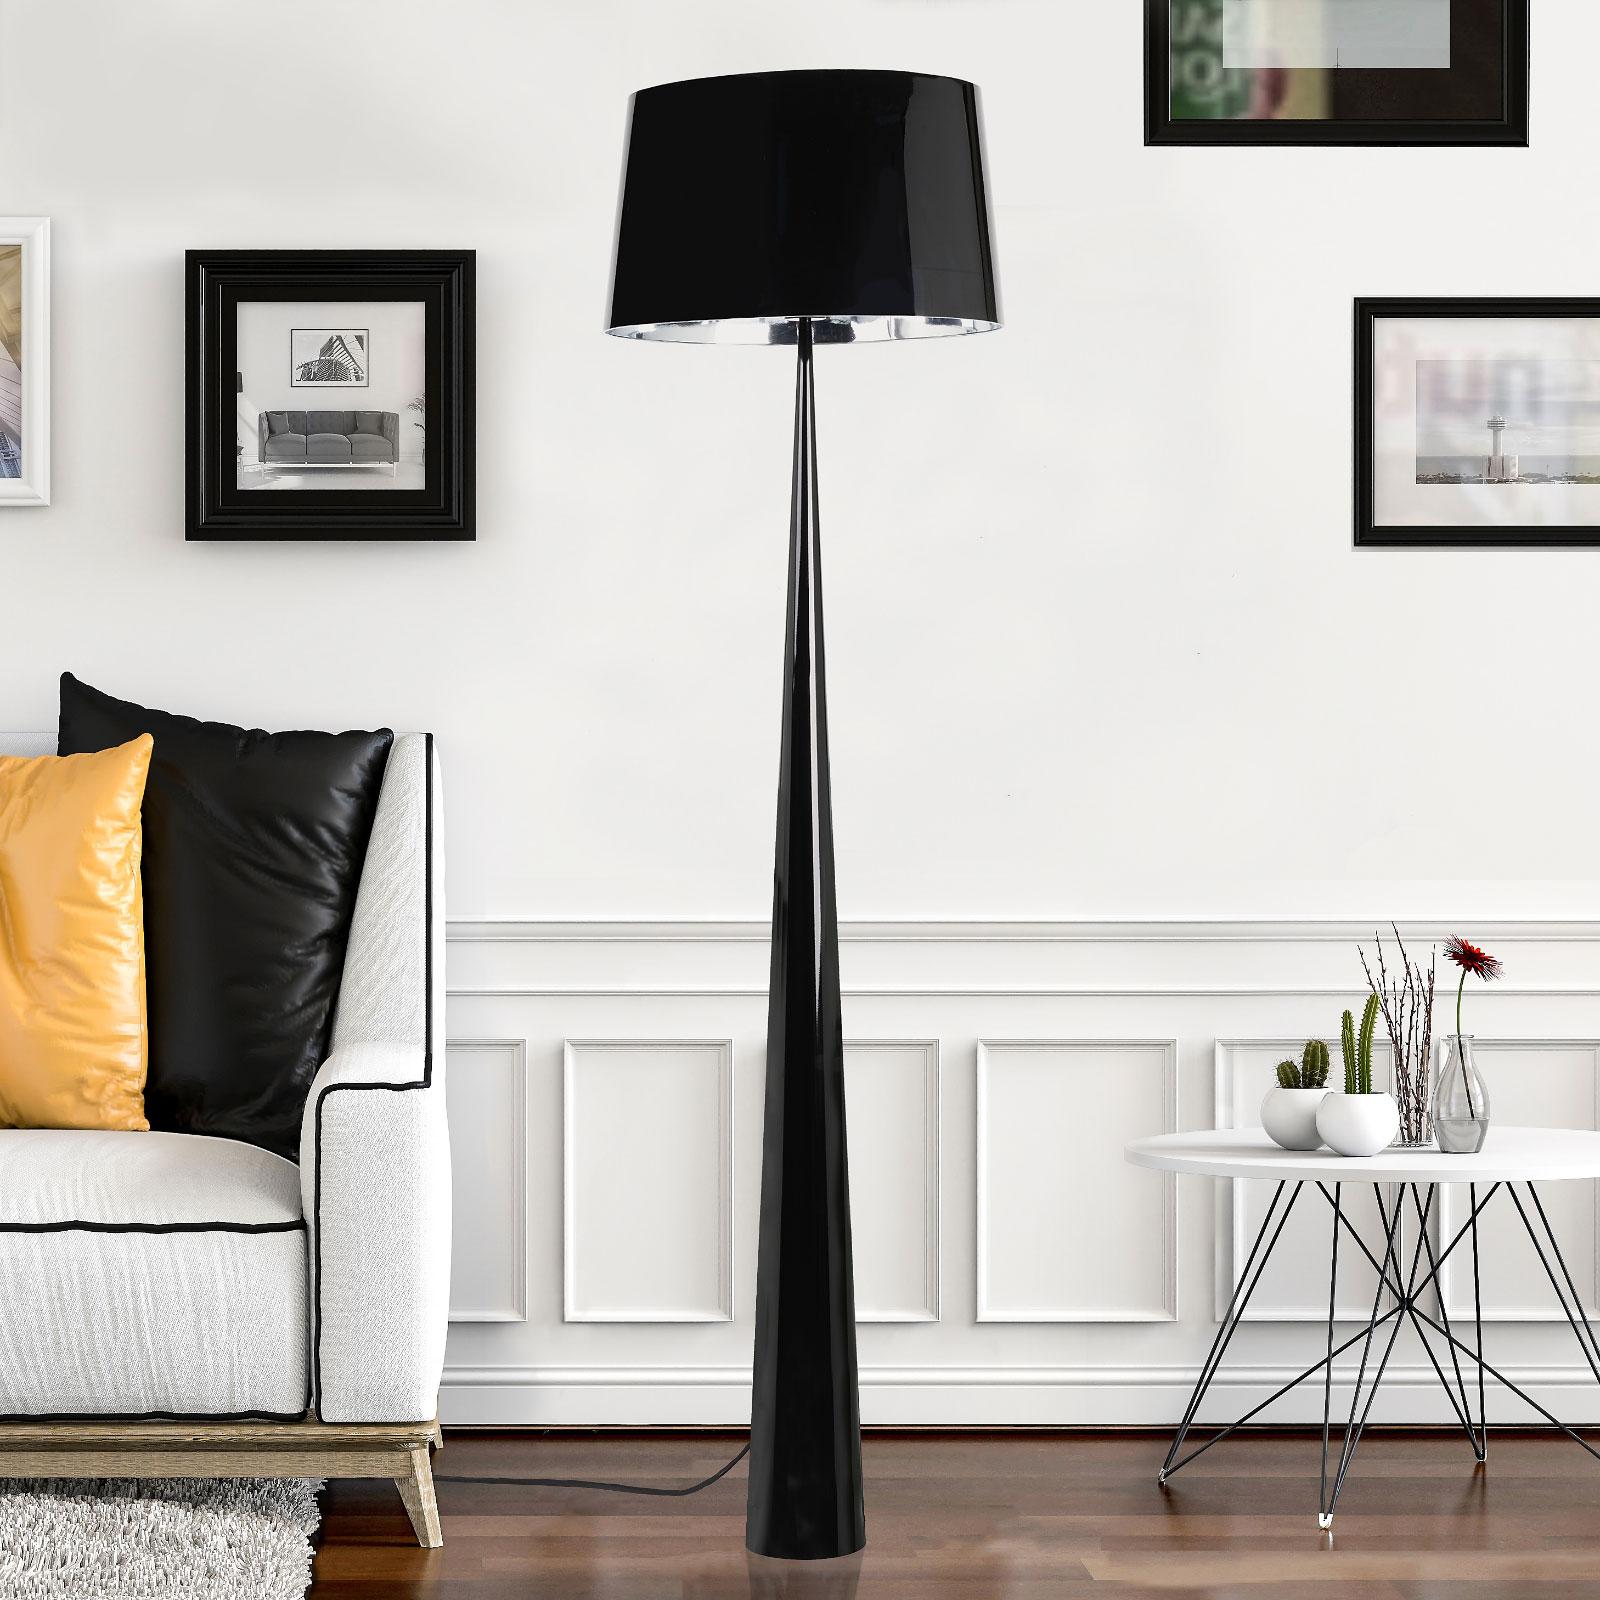 Lampa podłogowa Totem LS wykończenie chrom, czarna